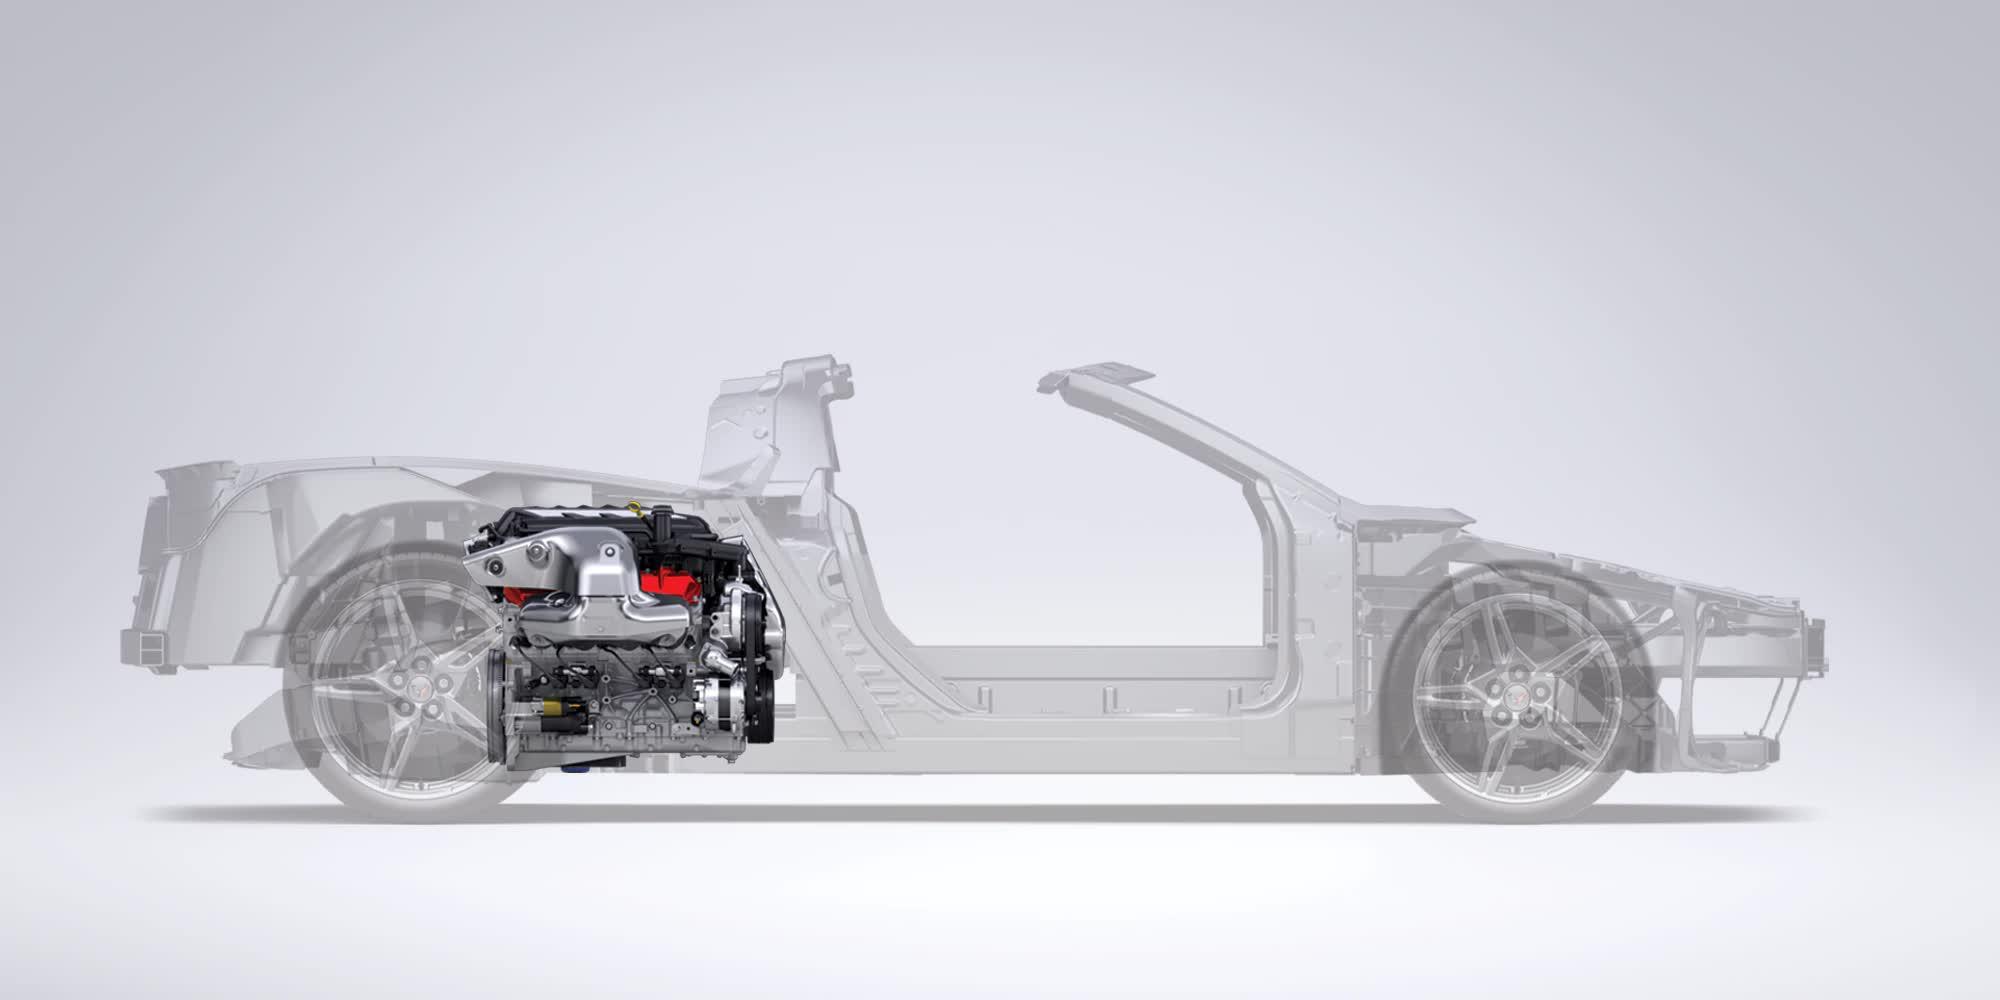 scheletro-con-motore-Corvette-c8-stingray-2020-auto-sportiva-a-motore-centrale-disponibile-con-allestimento-coupe-e-convertible-in-esclusiva-presso-gruppo-cavauto-a-Monza.jpg